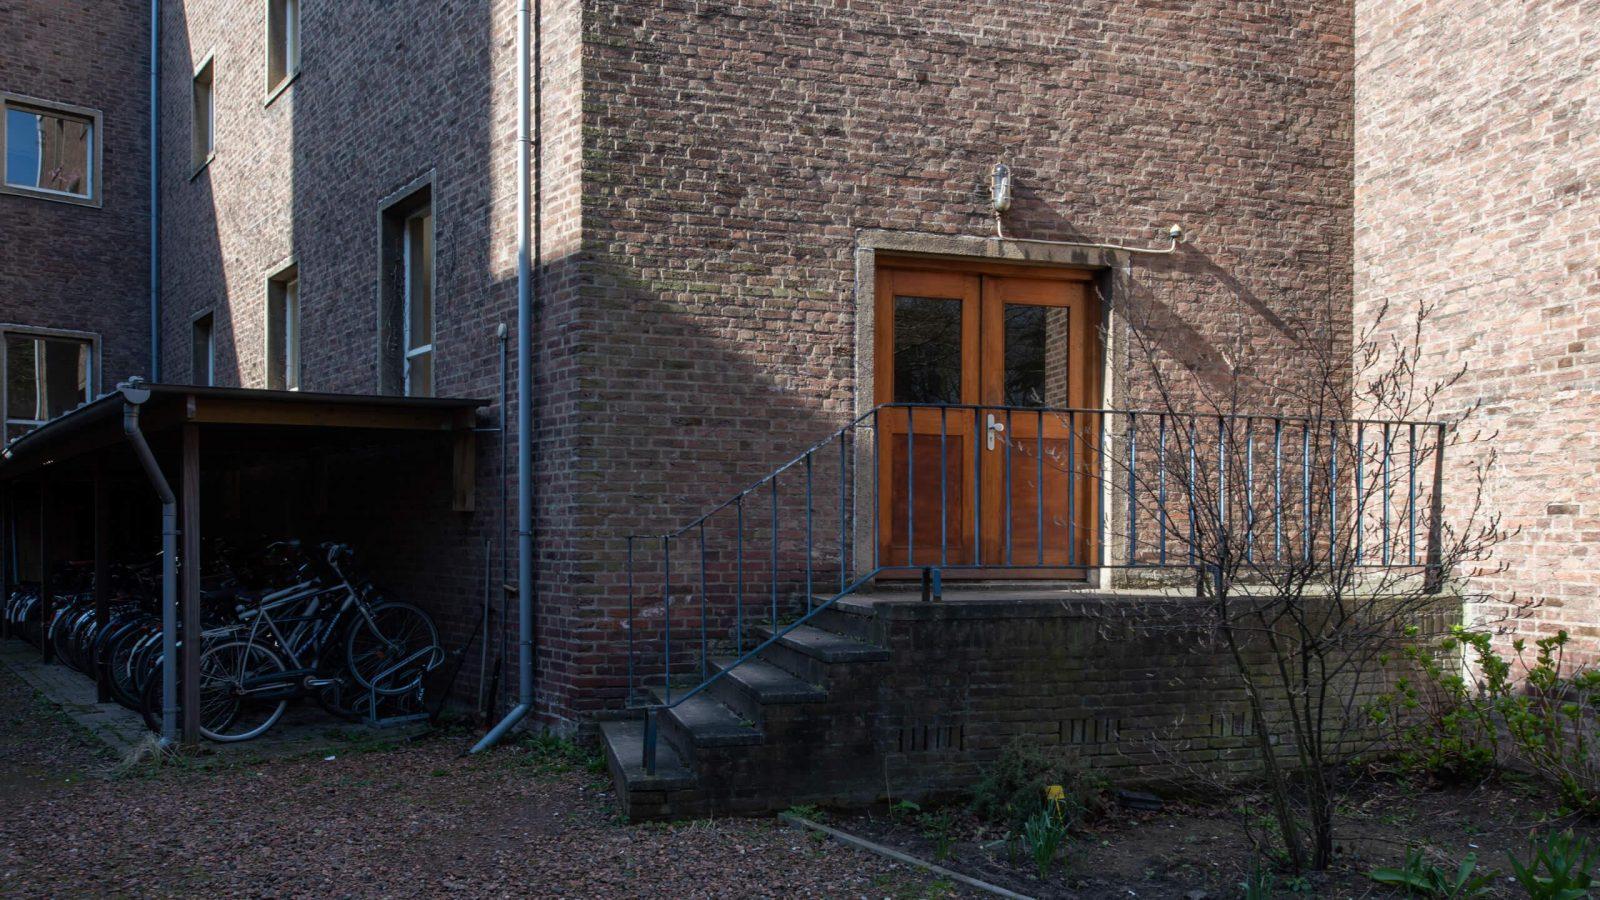 2021 Marlies Lageweg SPWR klooster8 Regina Pacis